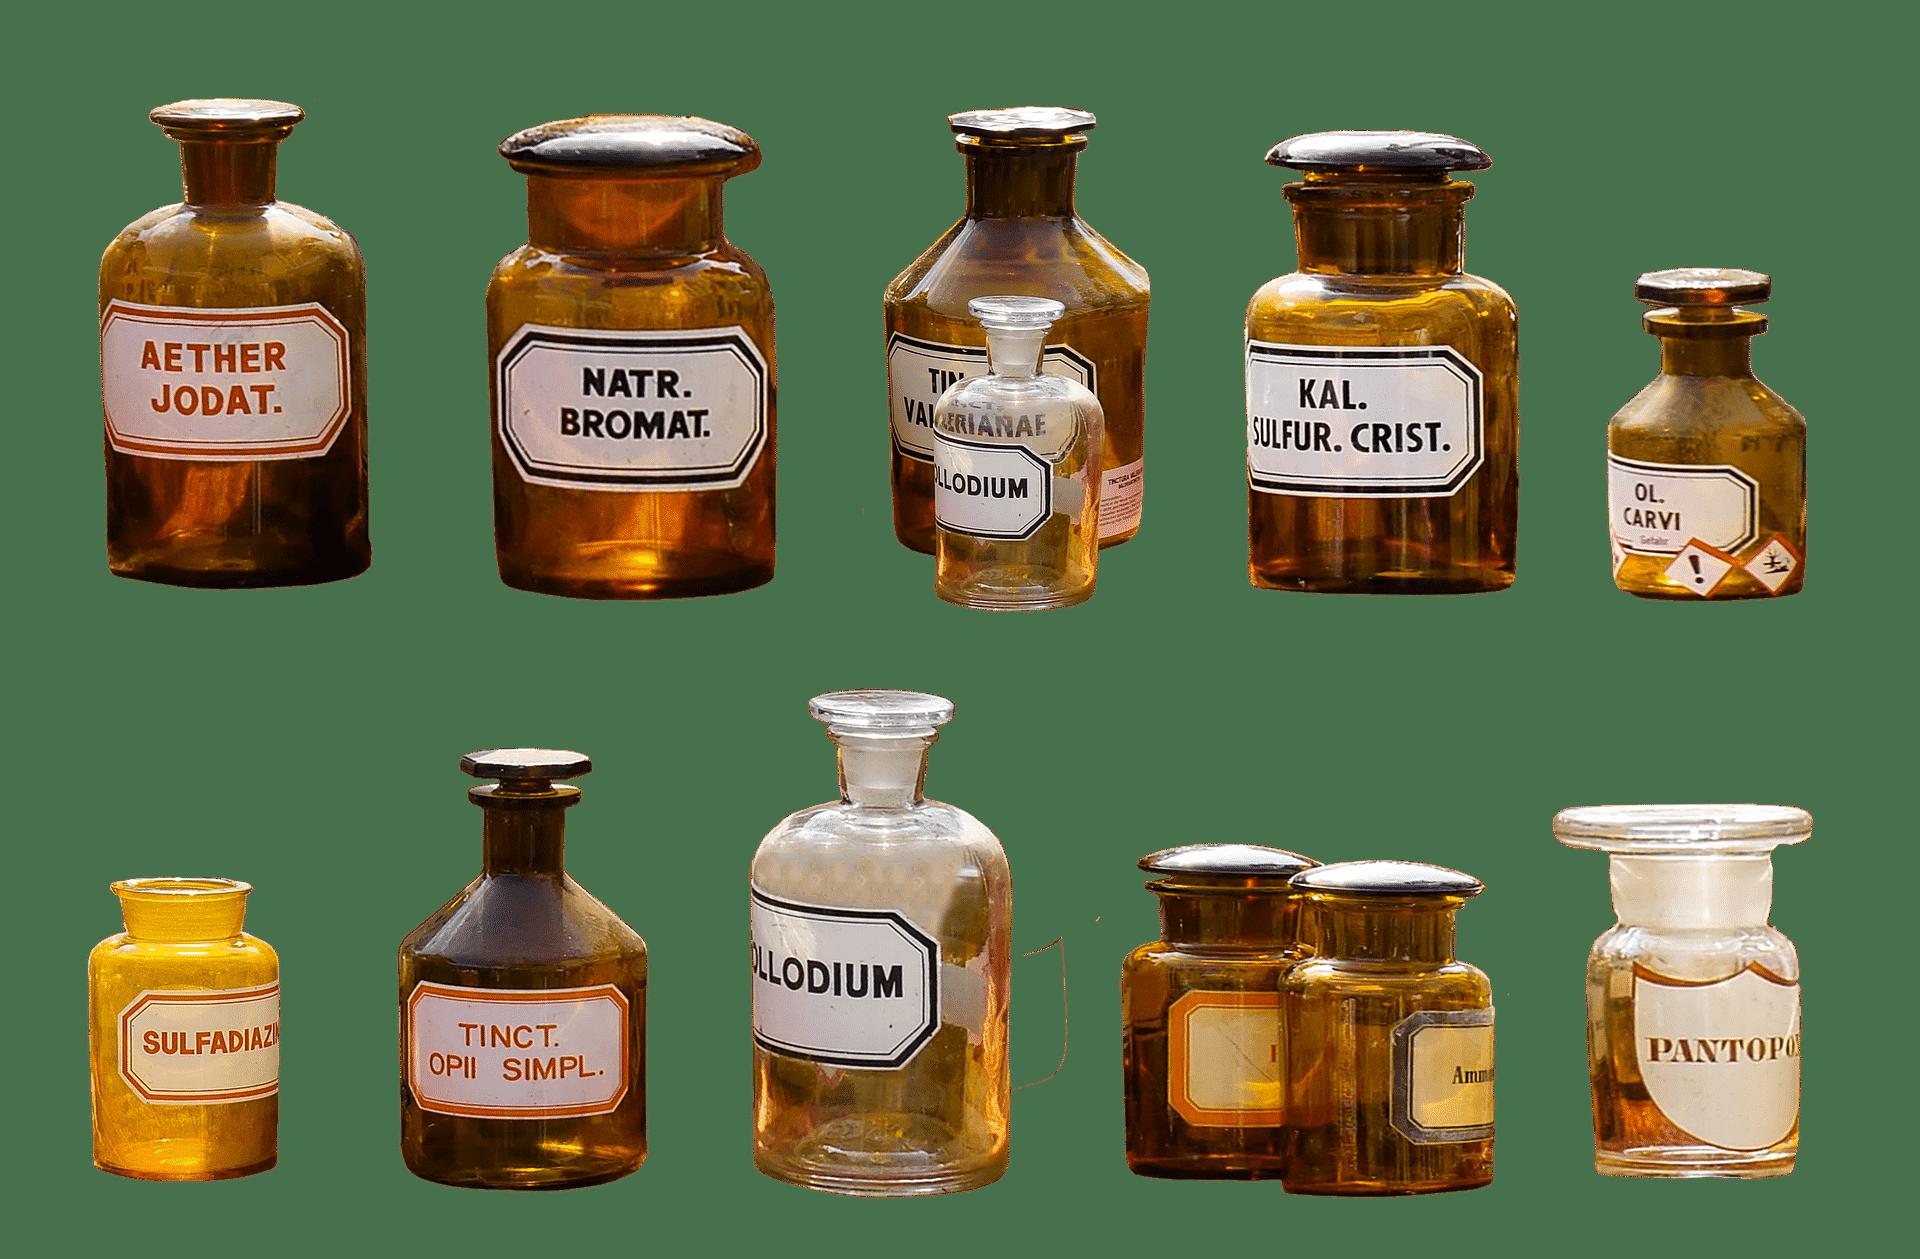 El mito de la farmacia como un negocio familiar - Entorno sanitario